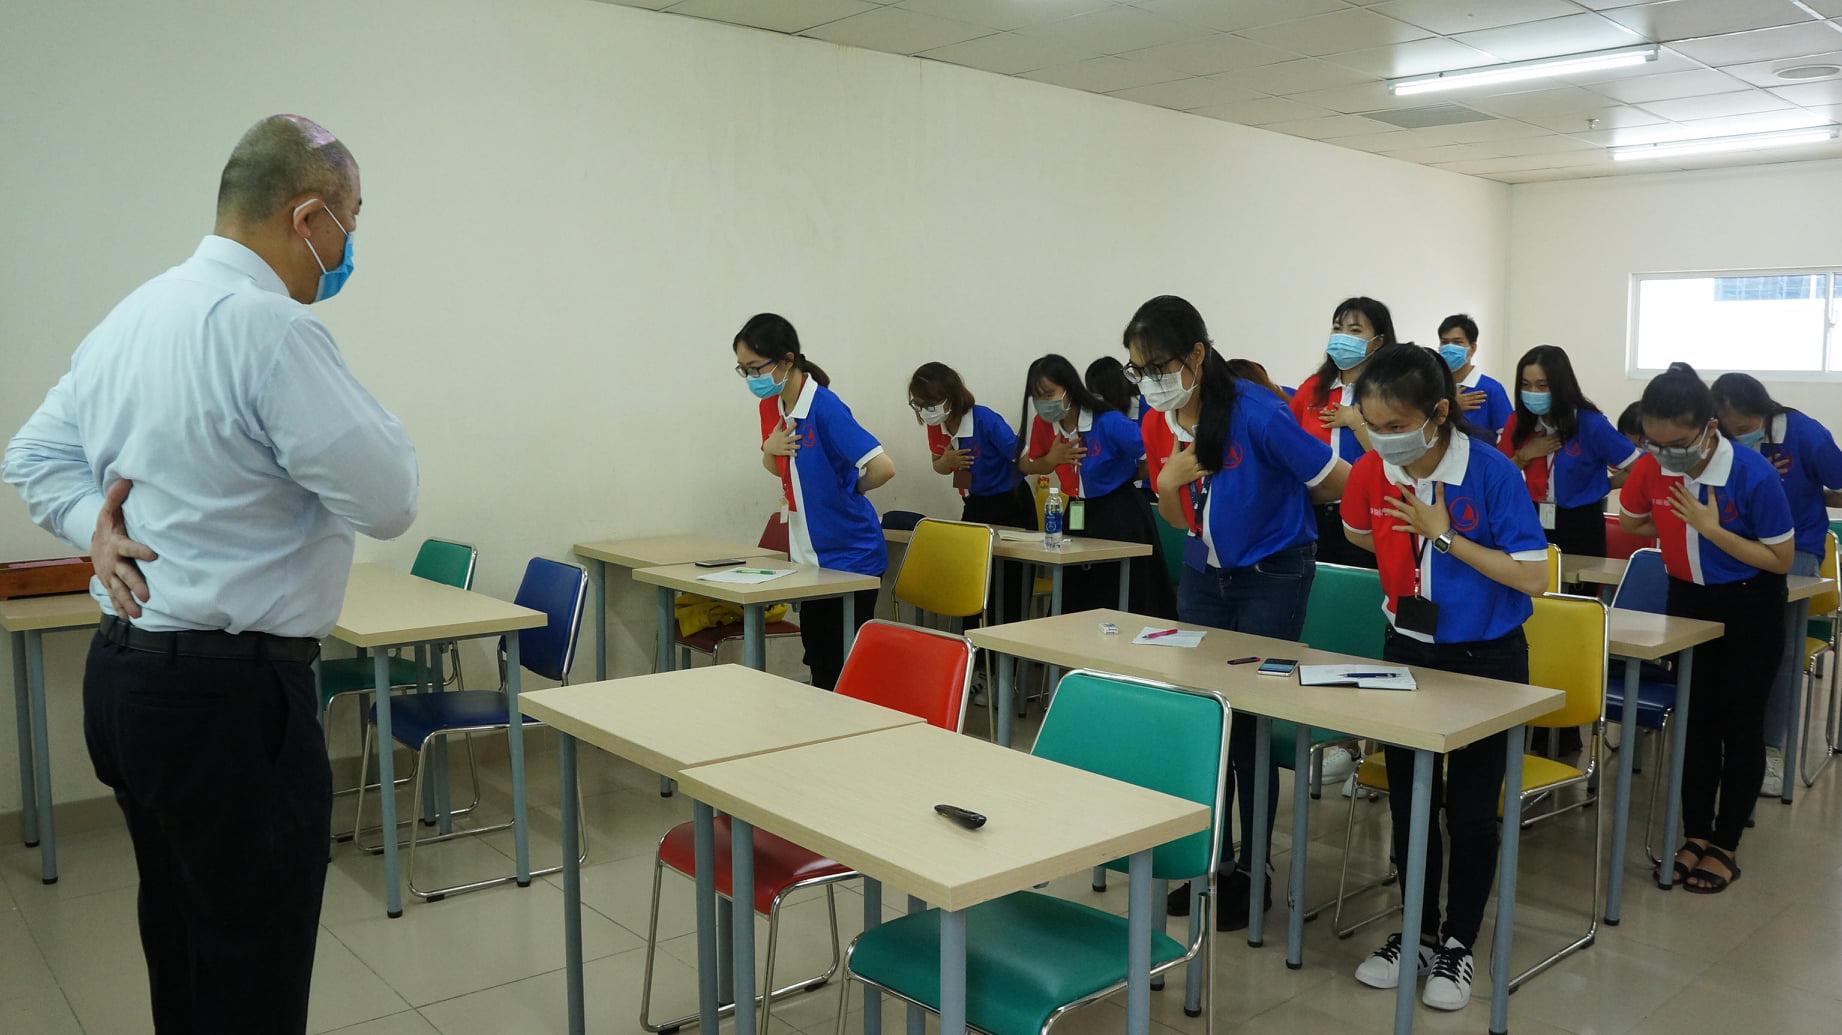 「日本ビジネスマナー」のワークショップを行いました。